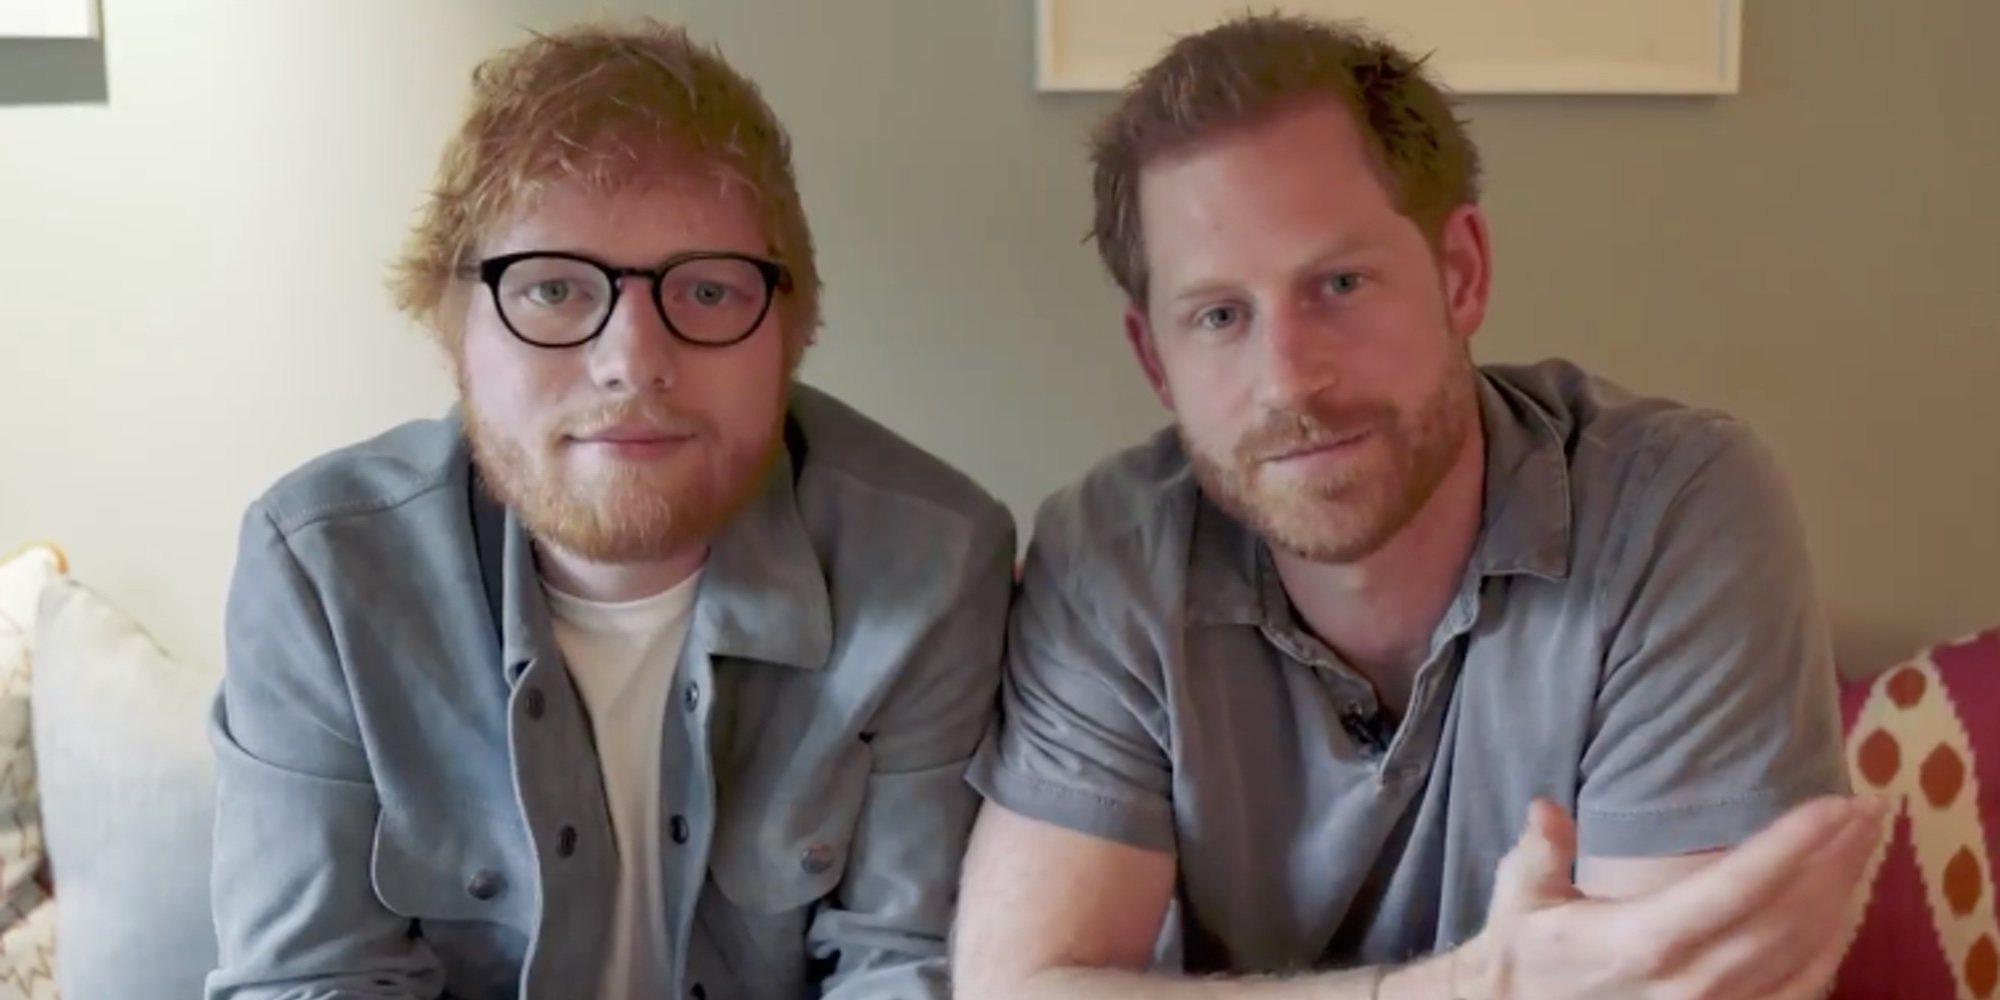 El divertido encuentro con el que el Príncipe Harry y Ed Sheeran unen sus fuerzas por la salud mental